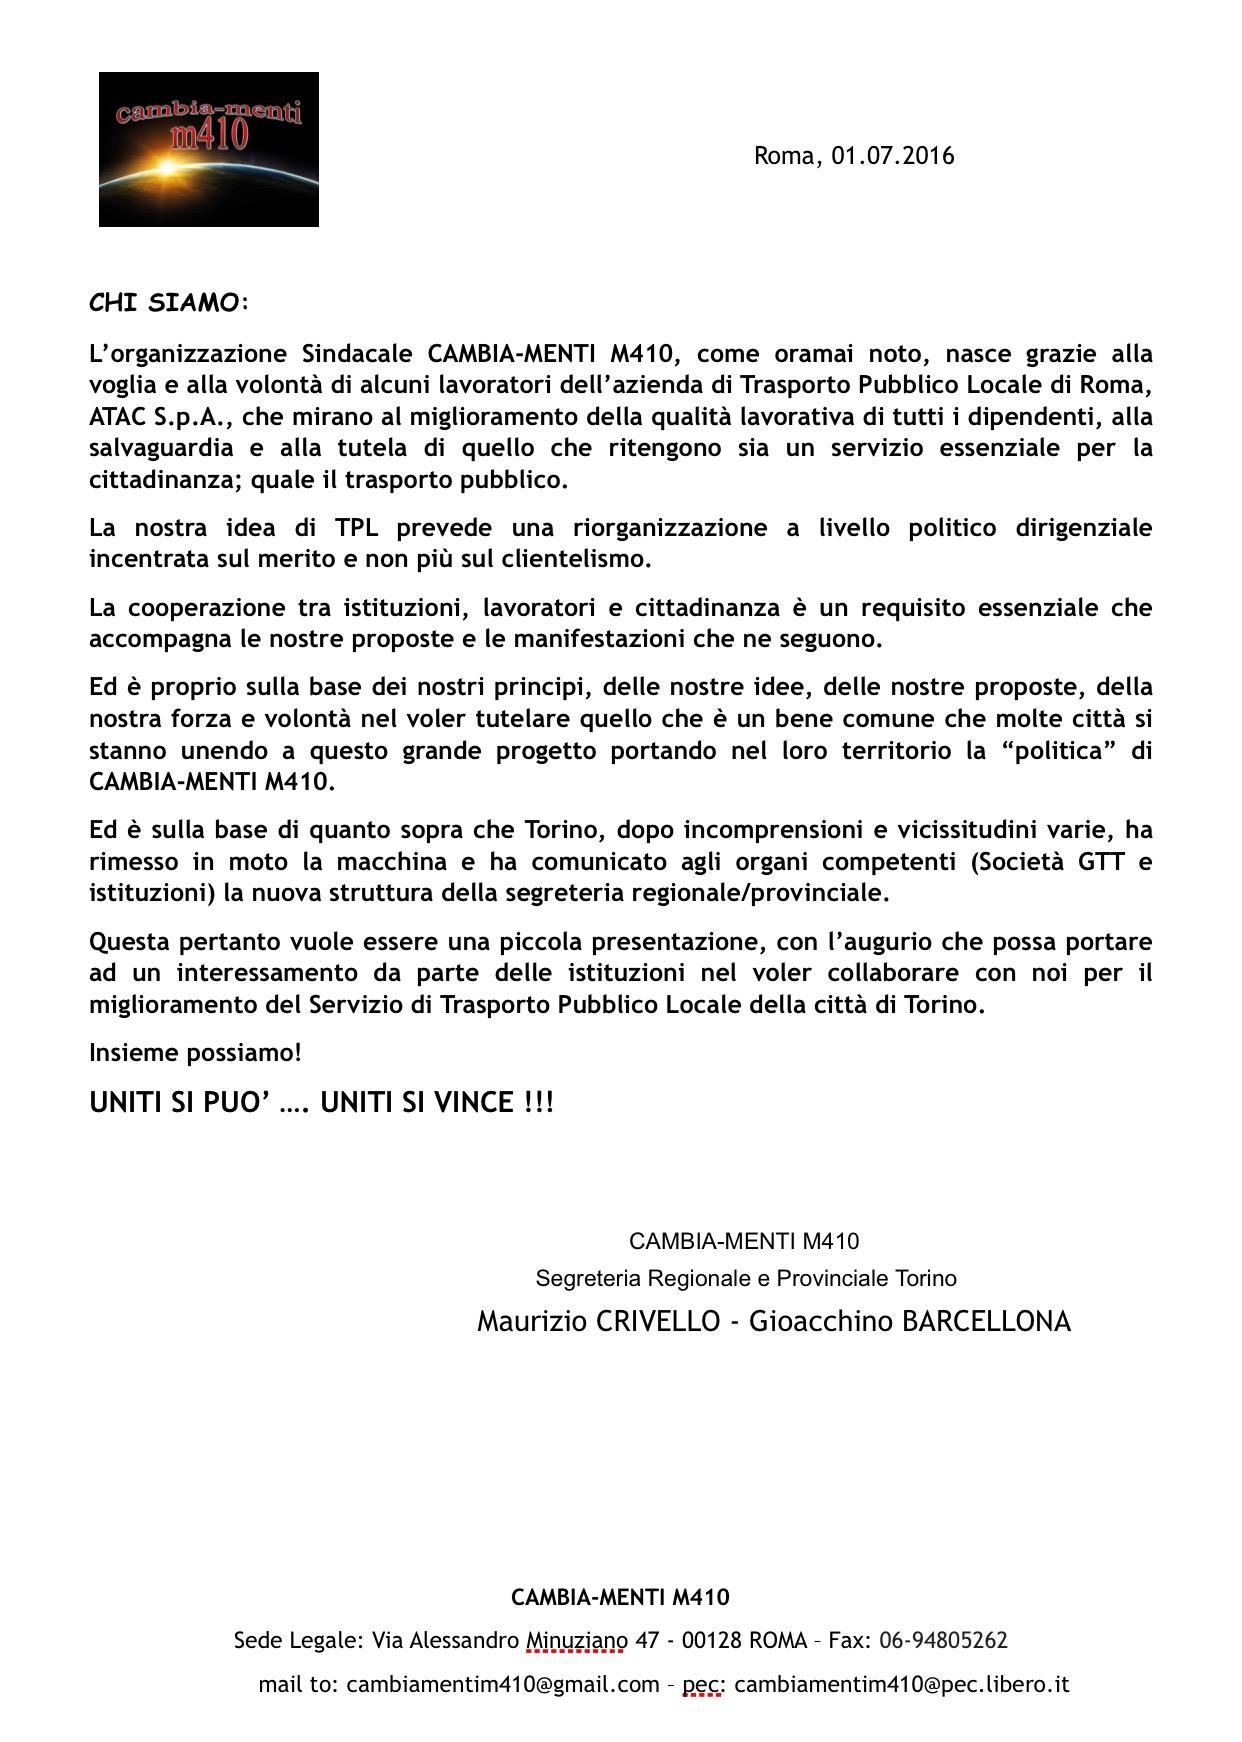 Presentazione segreteria Torino